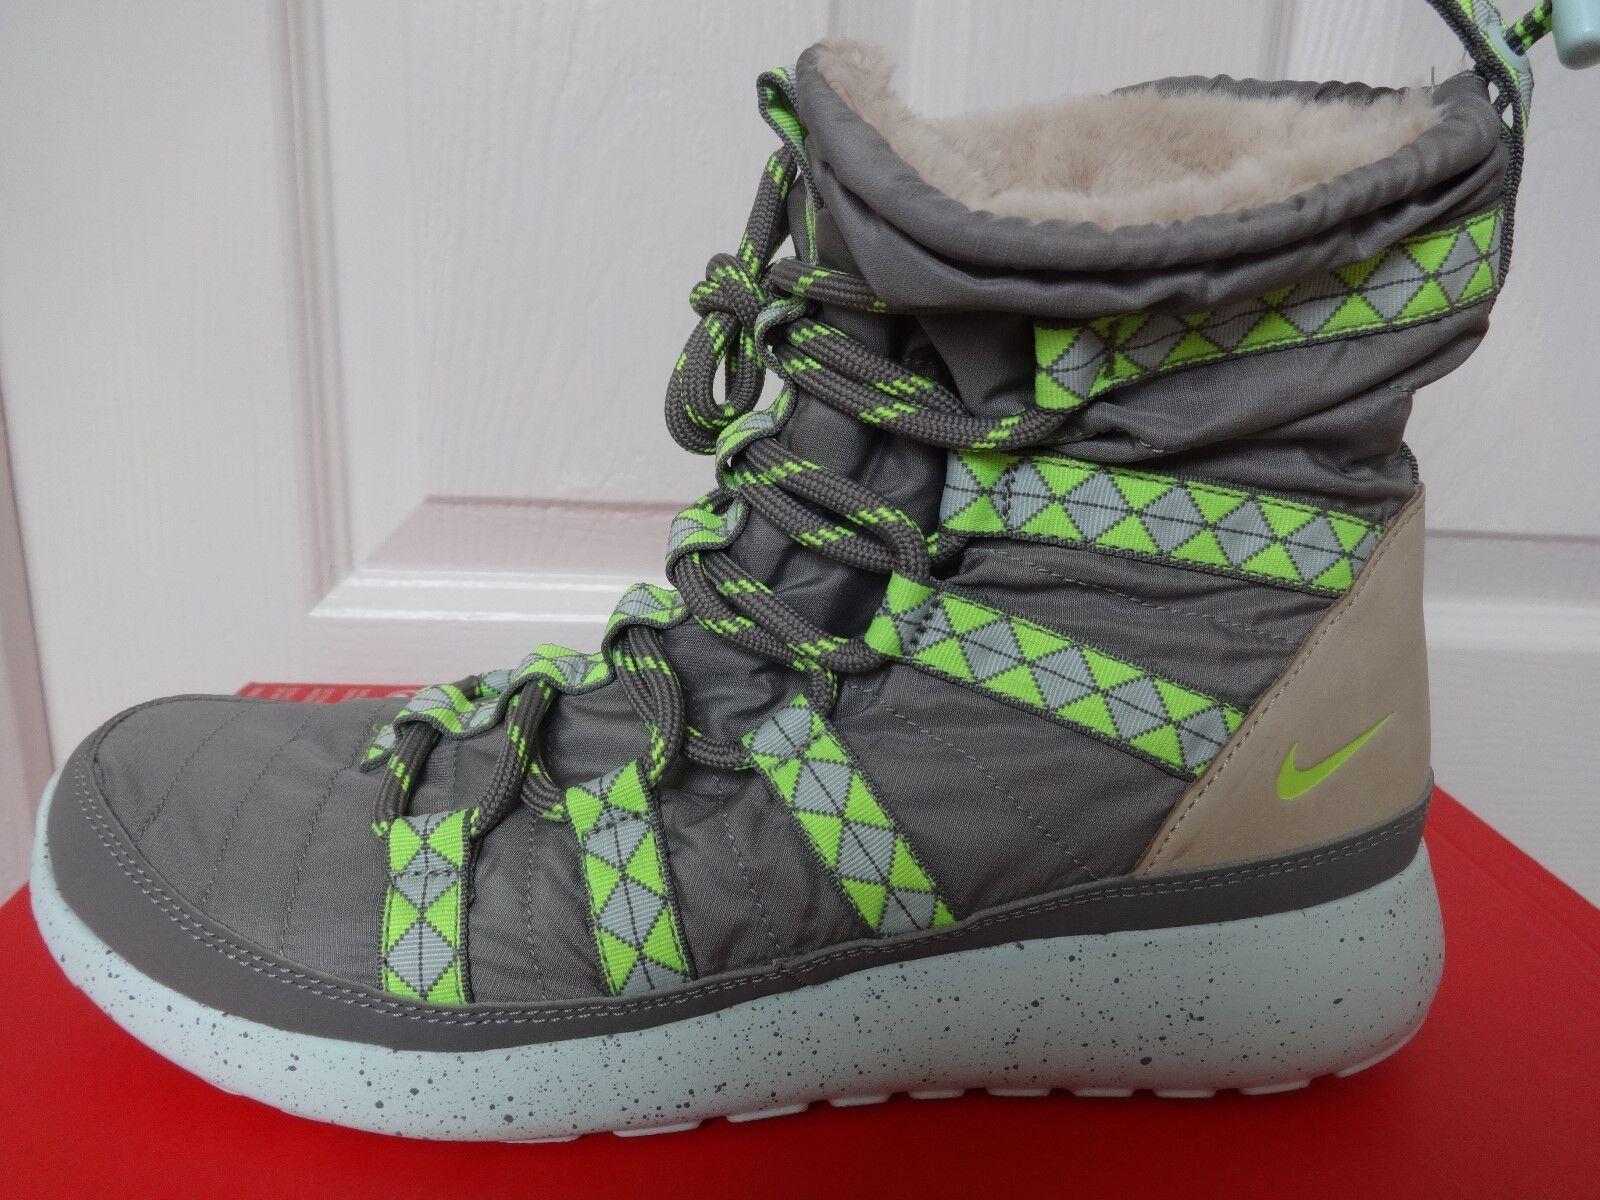 Nike Rosherun HI Damenss Sneakerboot Print 616724 001 us uk 4 eu 37.5 us 001 6.5 NEW+BOX ac9766